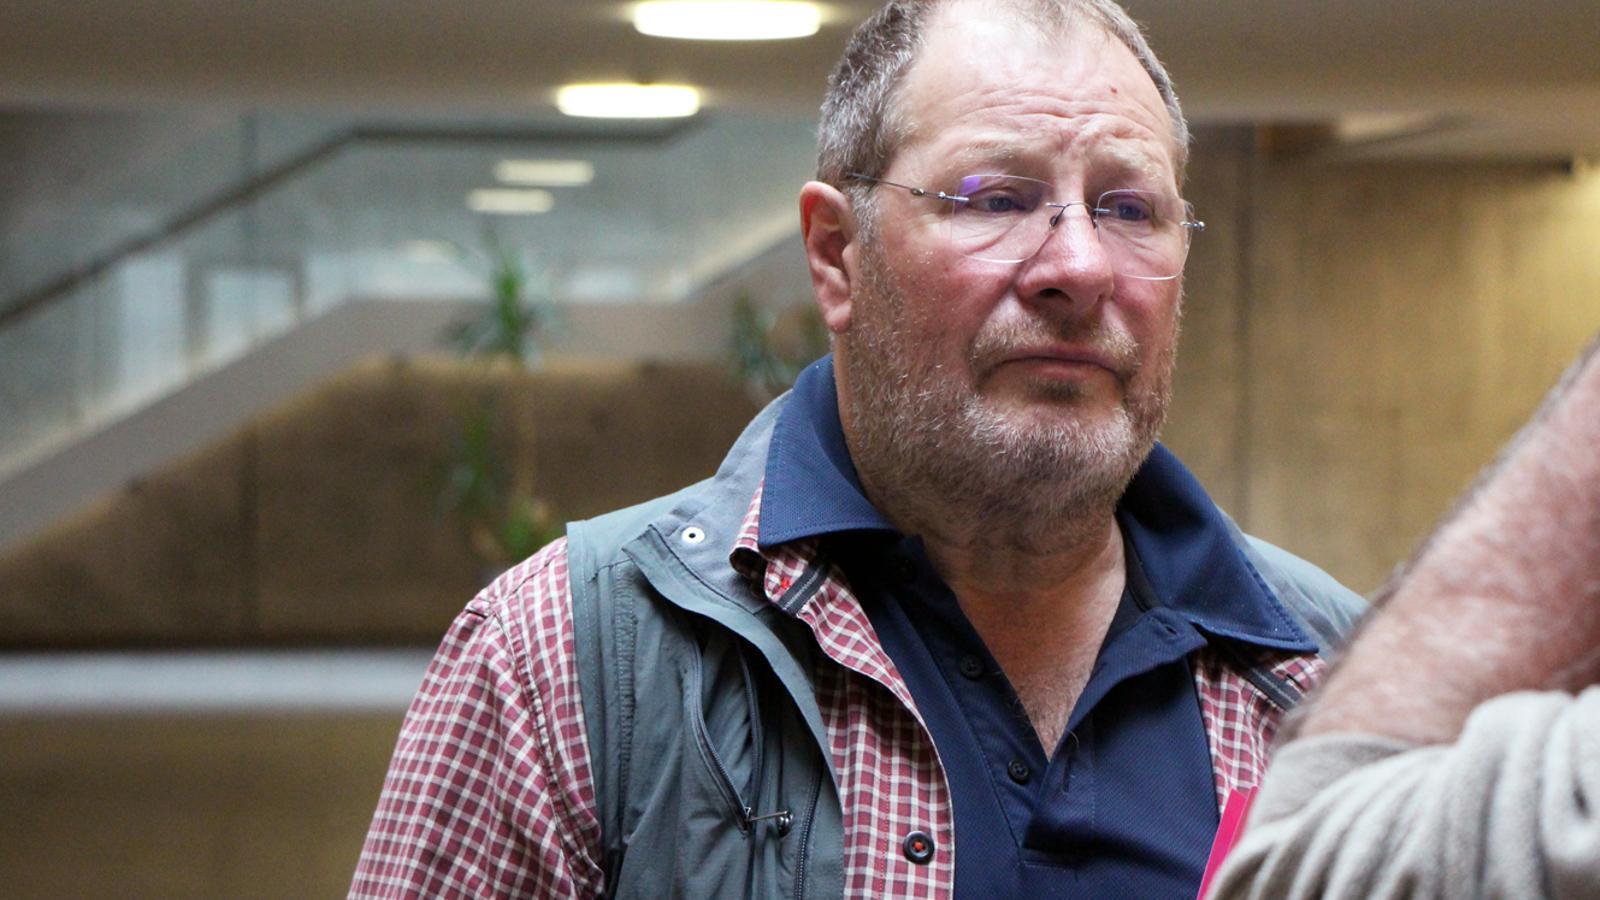 El conseller general del grup parlamentari socialdemòcrata, Jordi Font. / M. P.